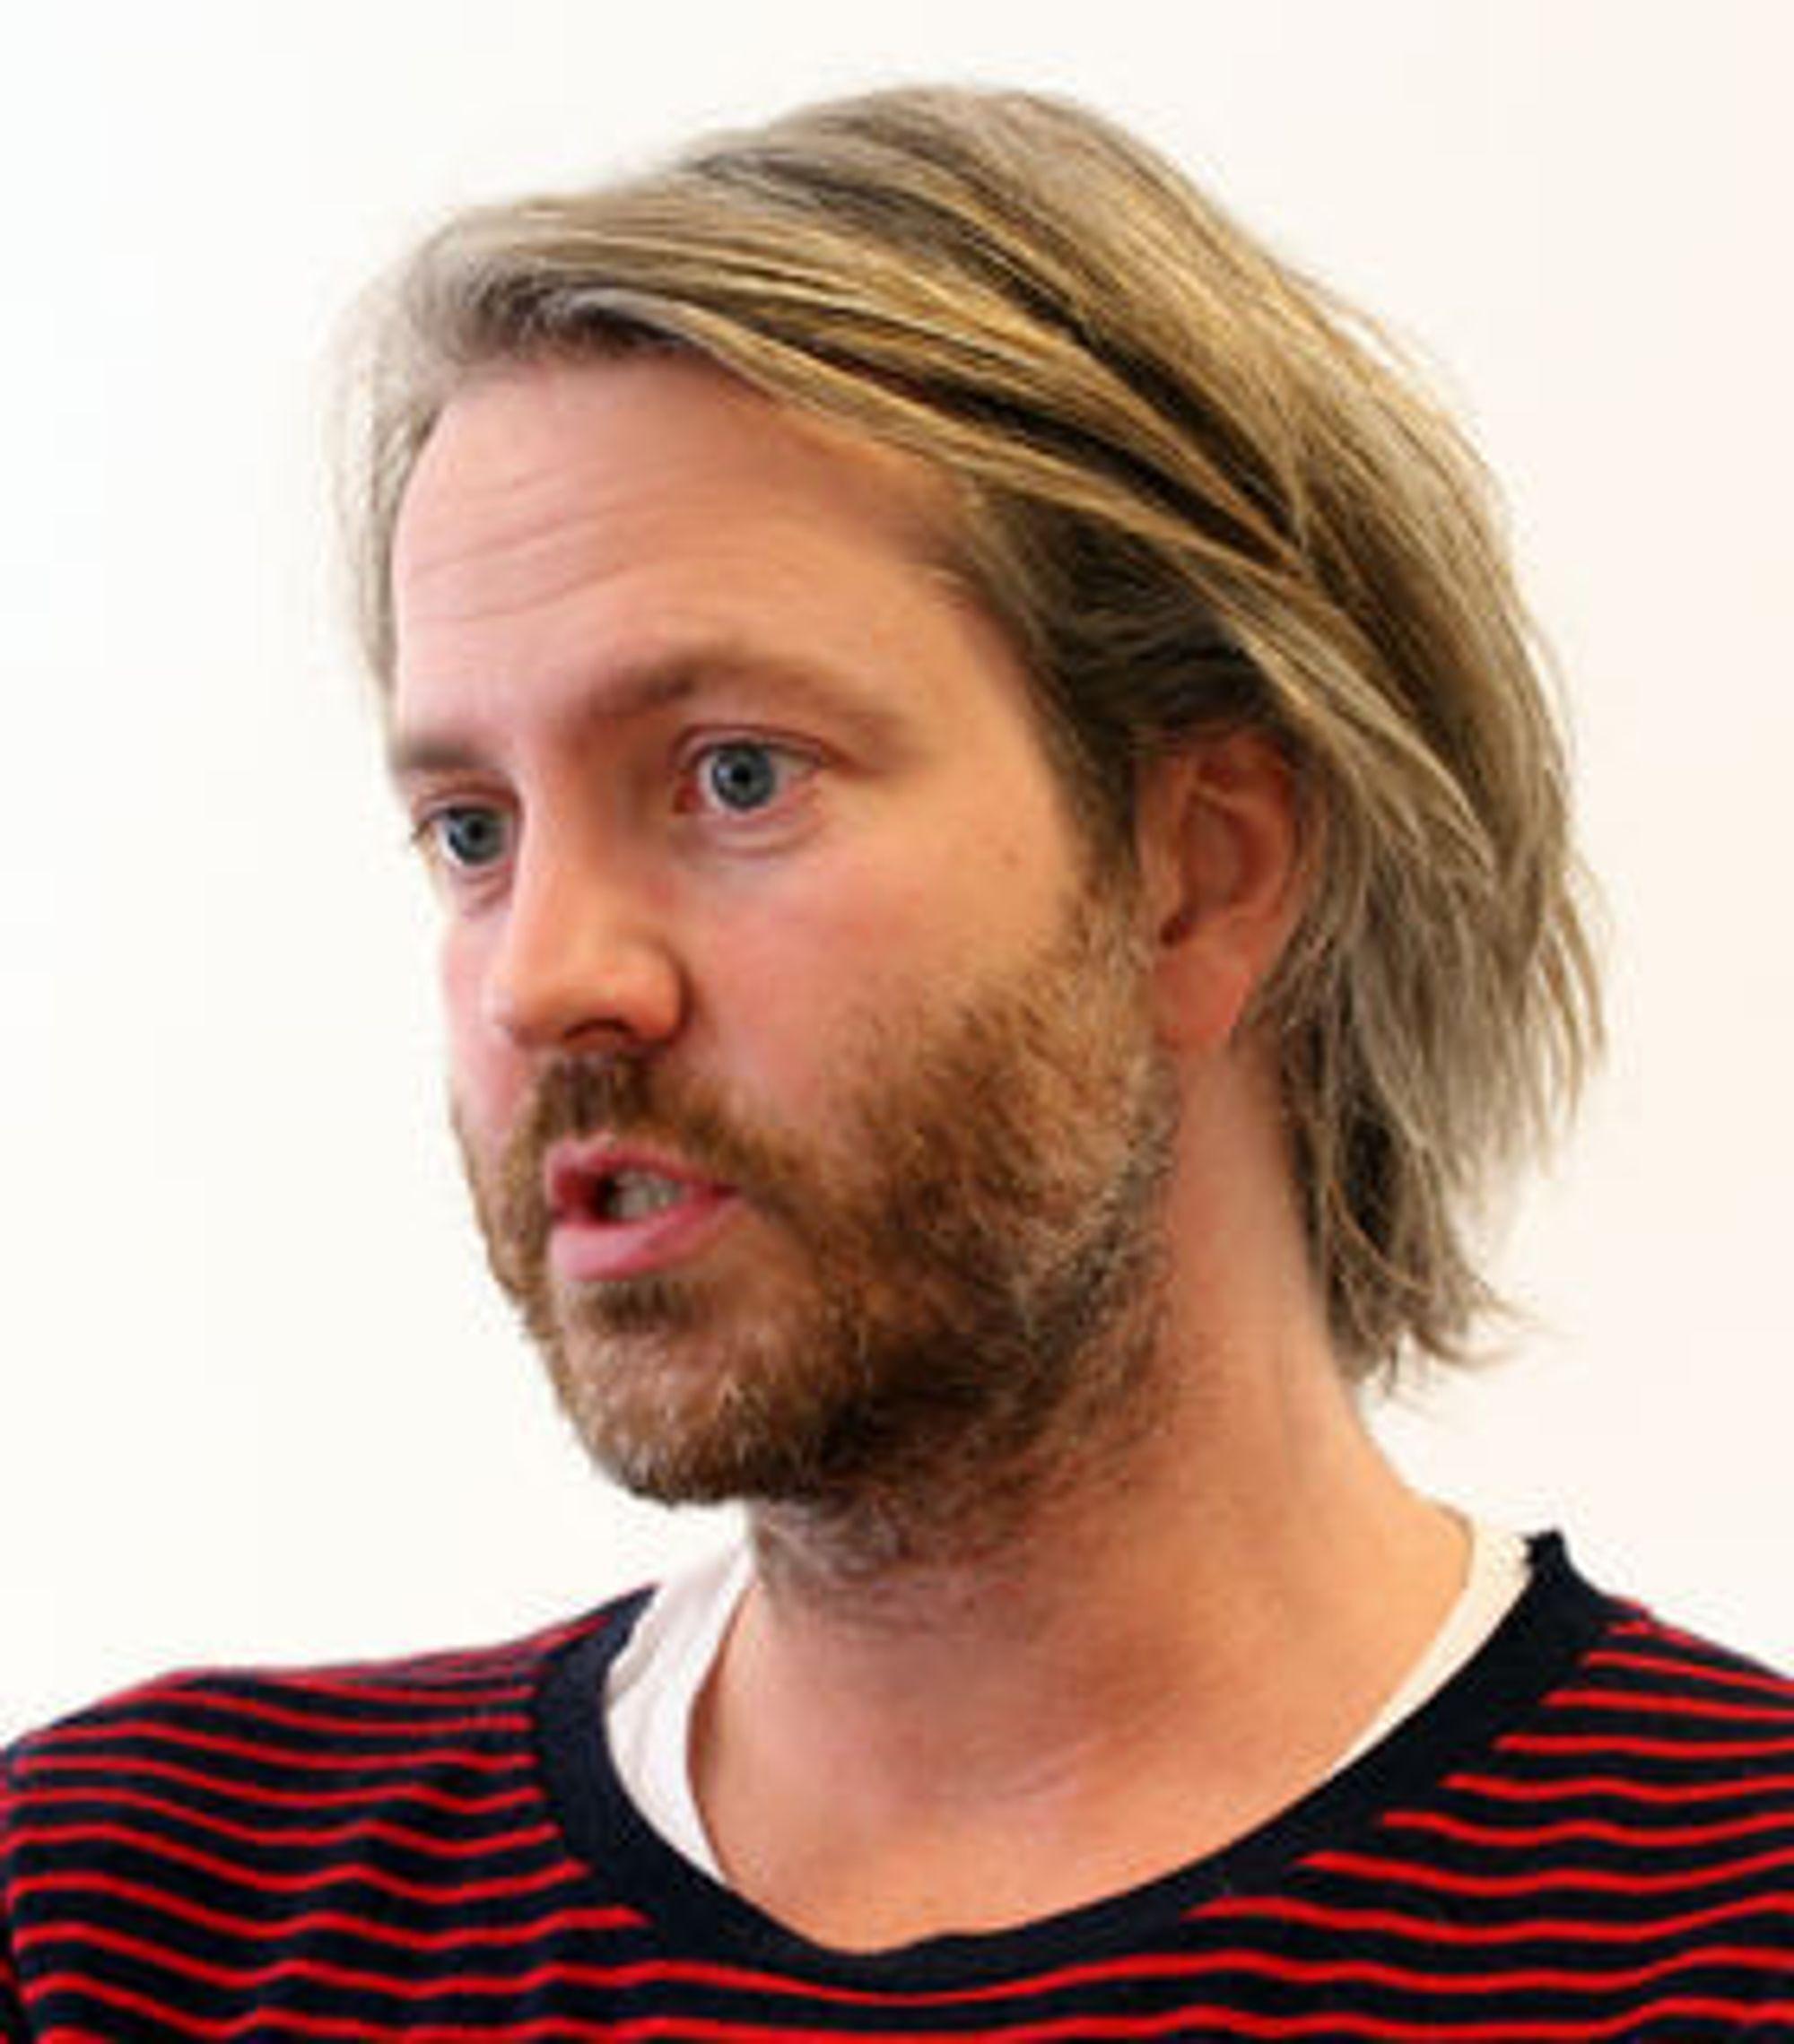 Senior rådgiver Jørgen Skorstad i Datatilsynets juridiske avdeling.